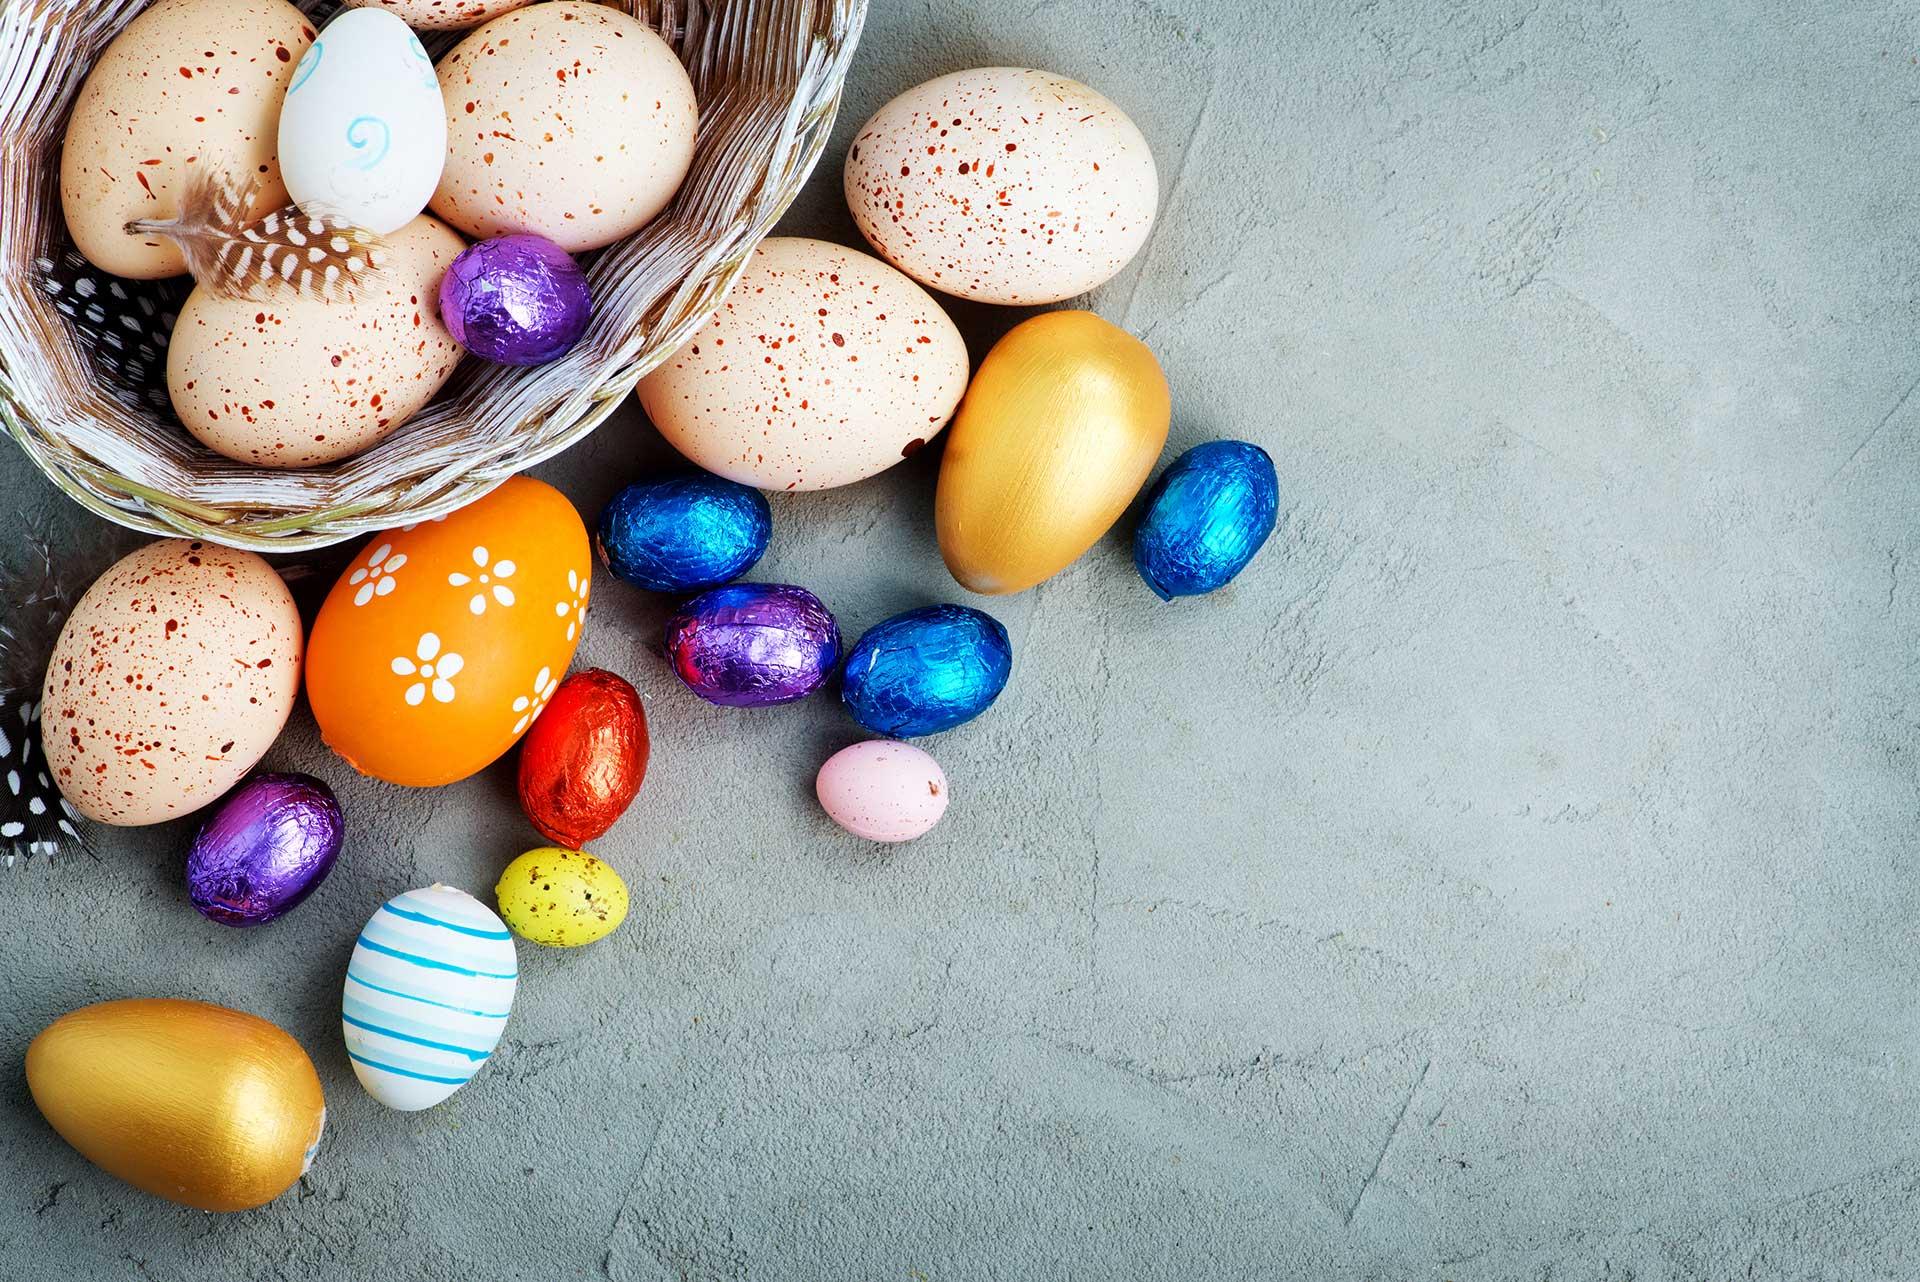 Das Team von Anhöck & Kellner wünscht Ihnen ein schönes Osterfest